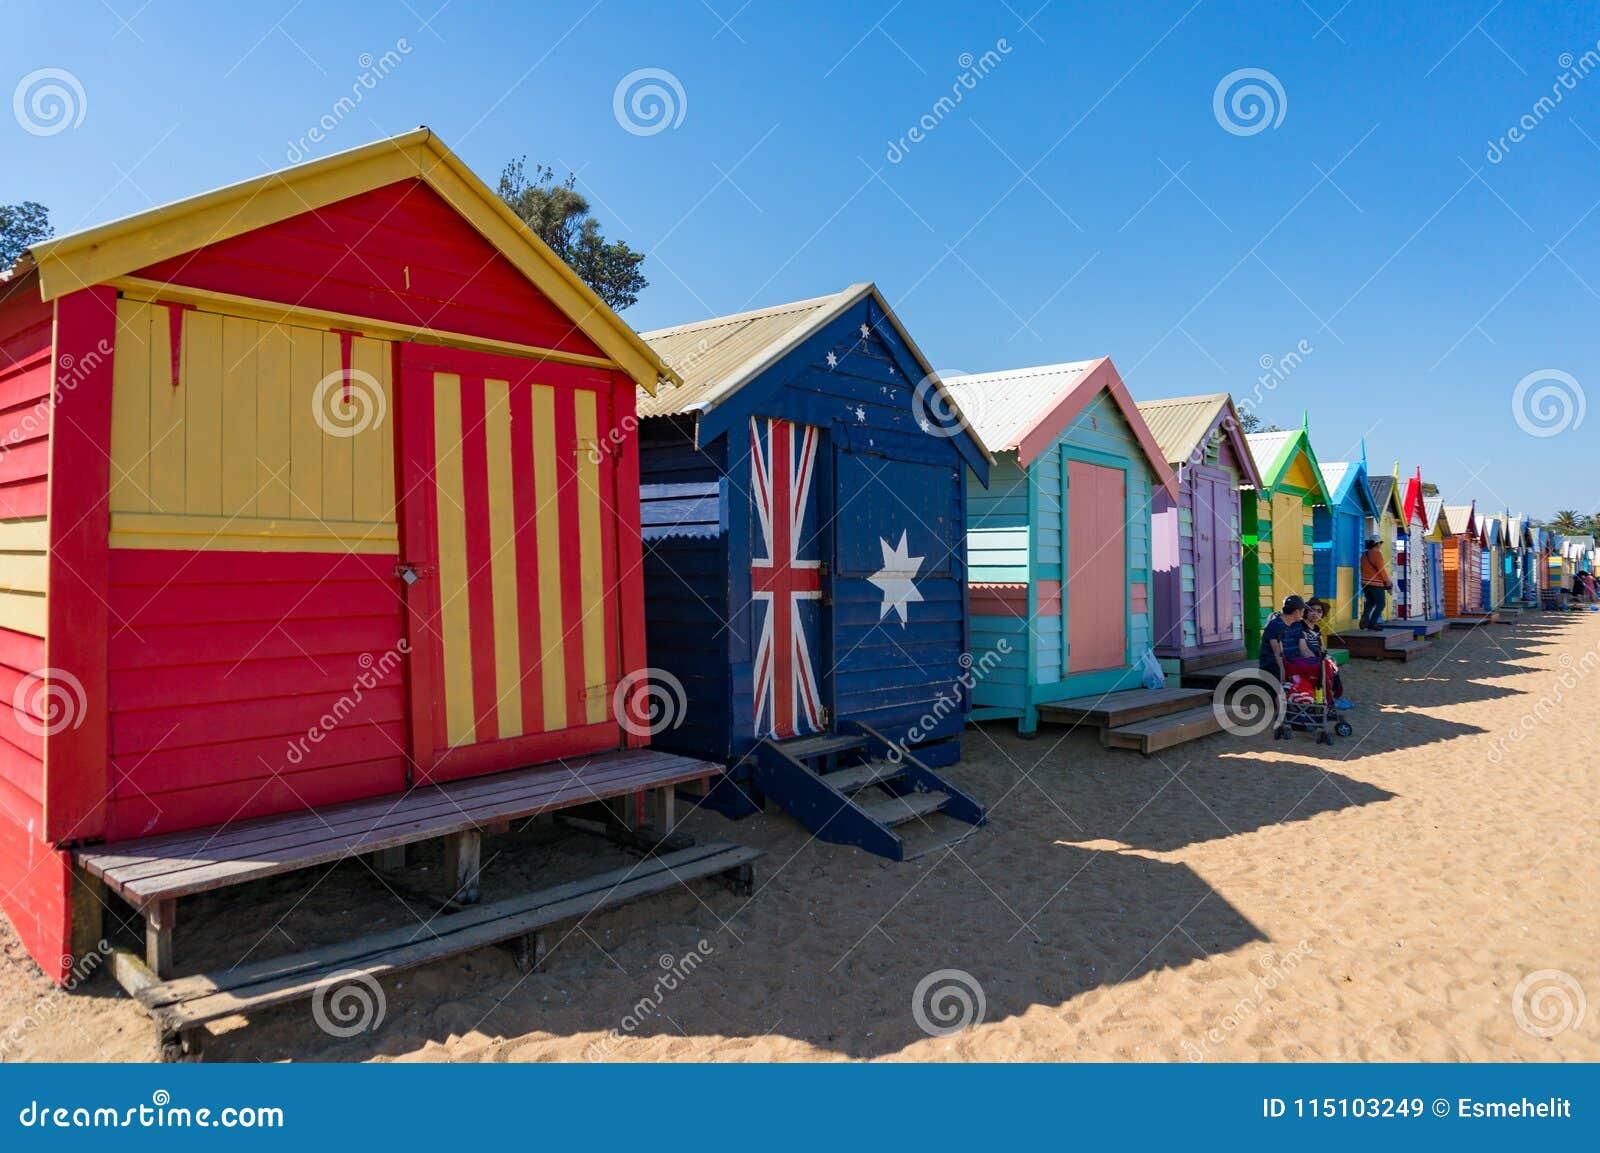 Point de repère célèbre des maisons de plage colorées à la plage de Brighton à Melbourne, Australie